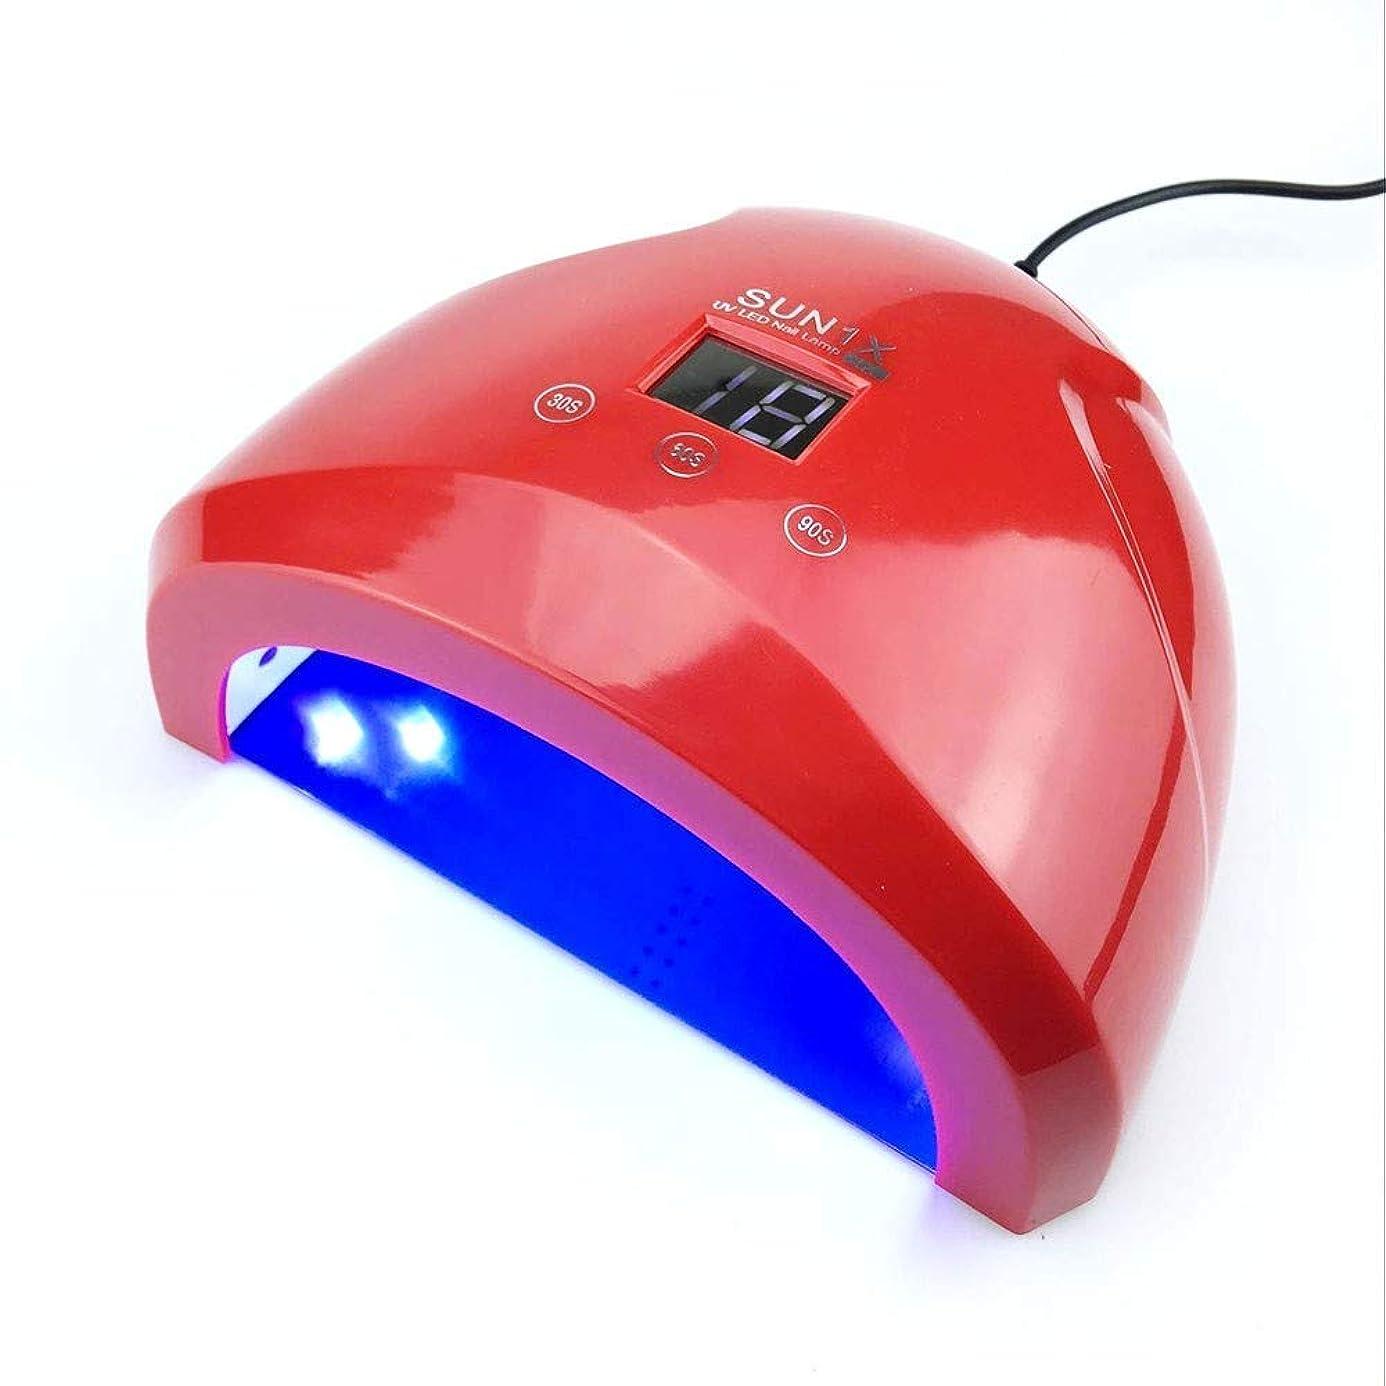 怒りタイプ売り手ネイルドライヤー36ワットuvランプledランプネイルドライヤースマートセンサーダブル電源ネイルランプ用ネイルuvジェルポリッシュジェルネイルアートツール